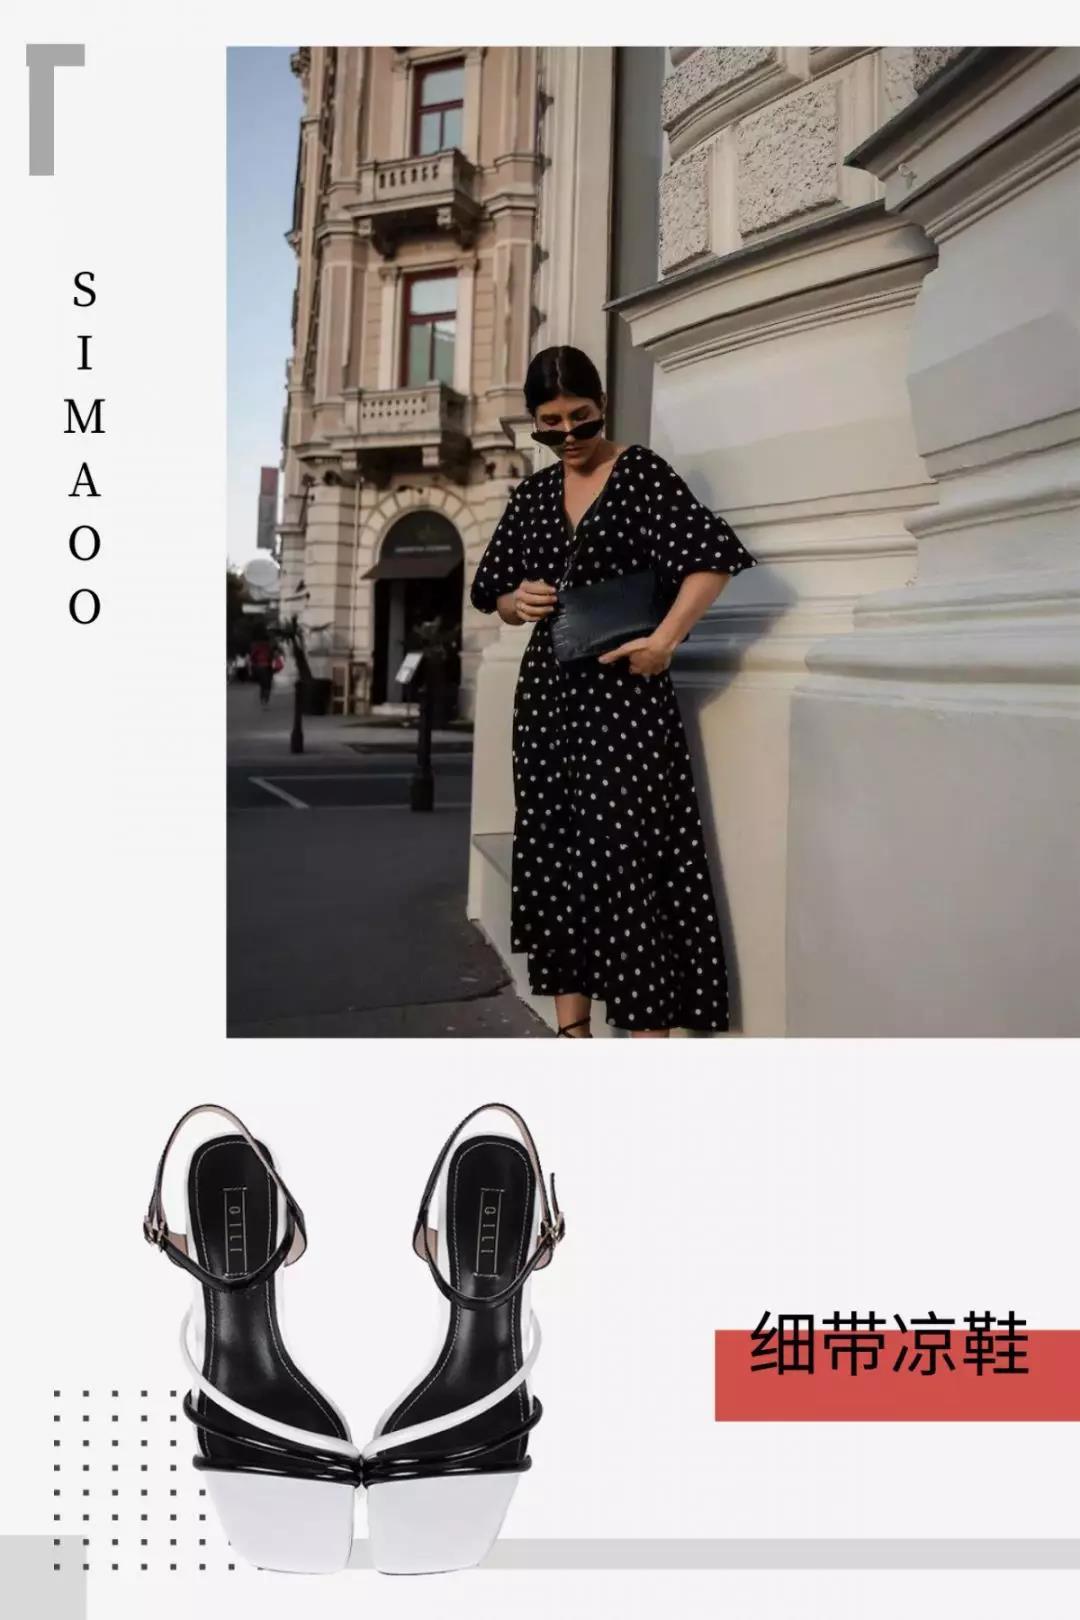 连衣裙搭配细带鞋